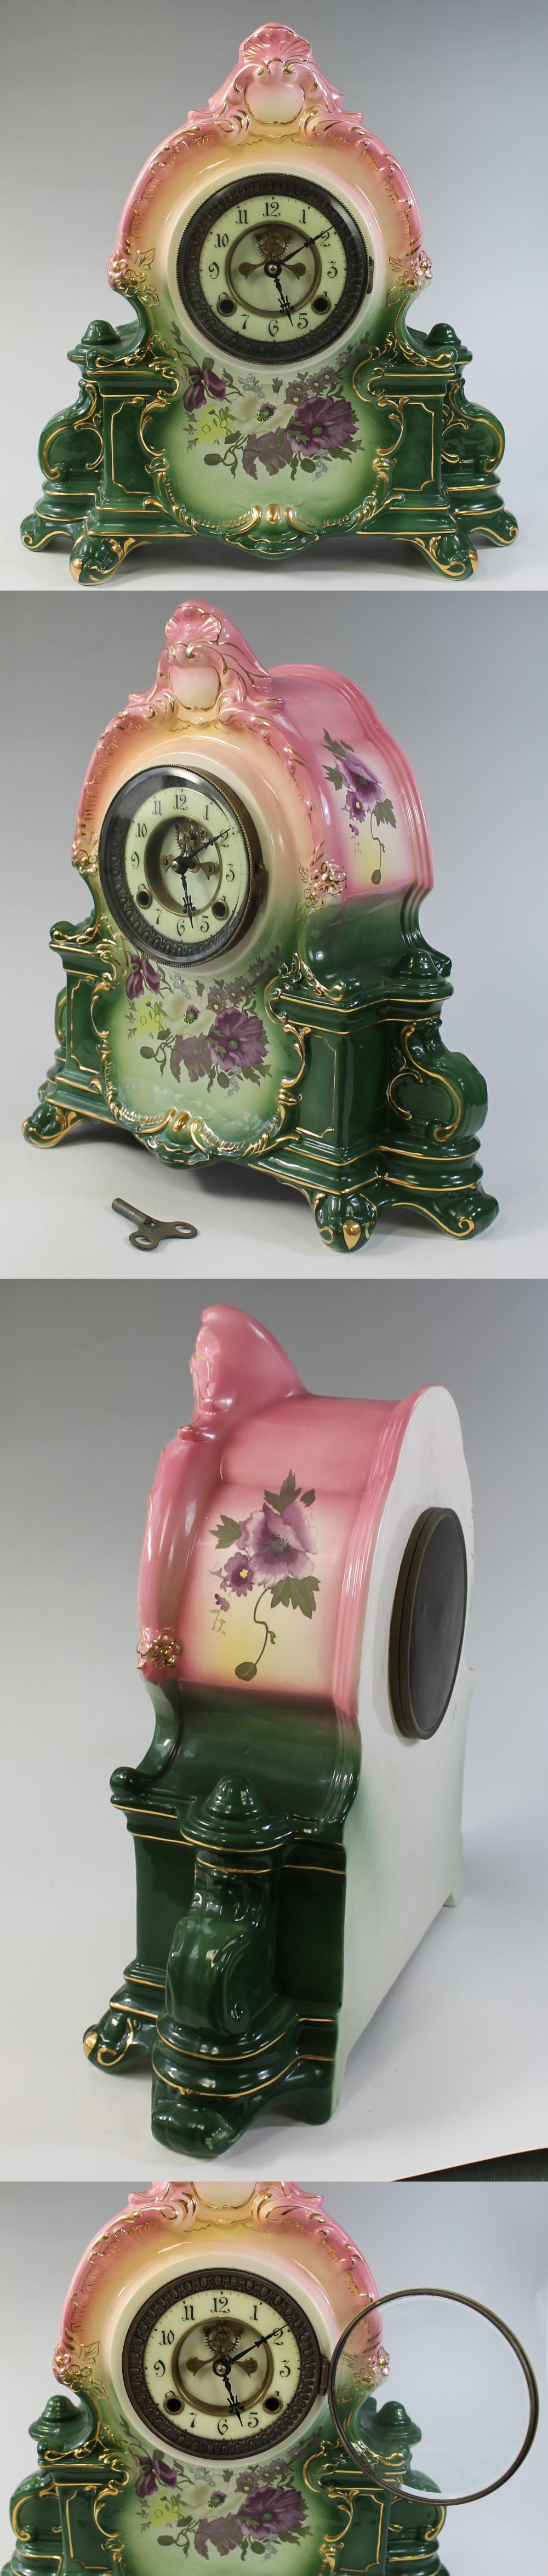 184陶器製置時計1